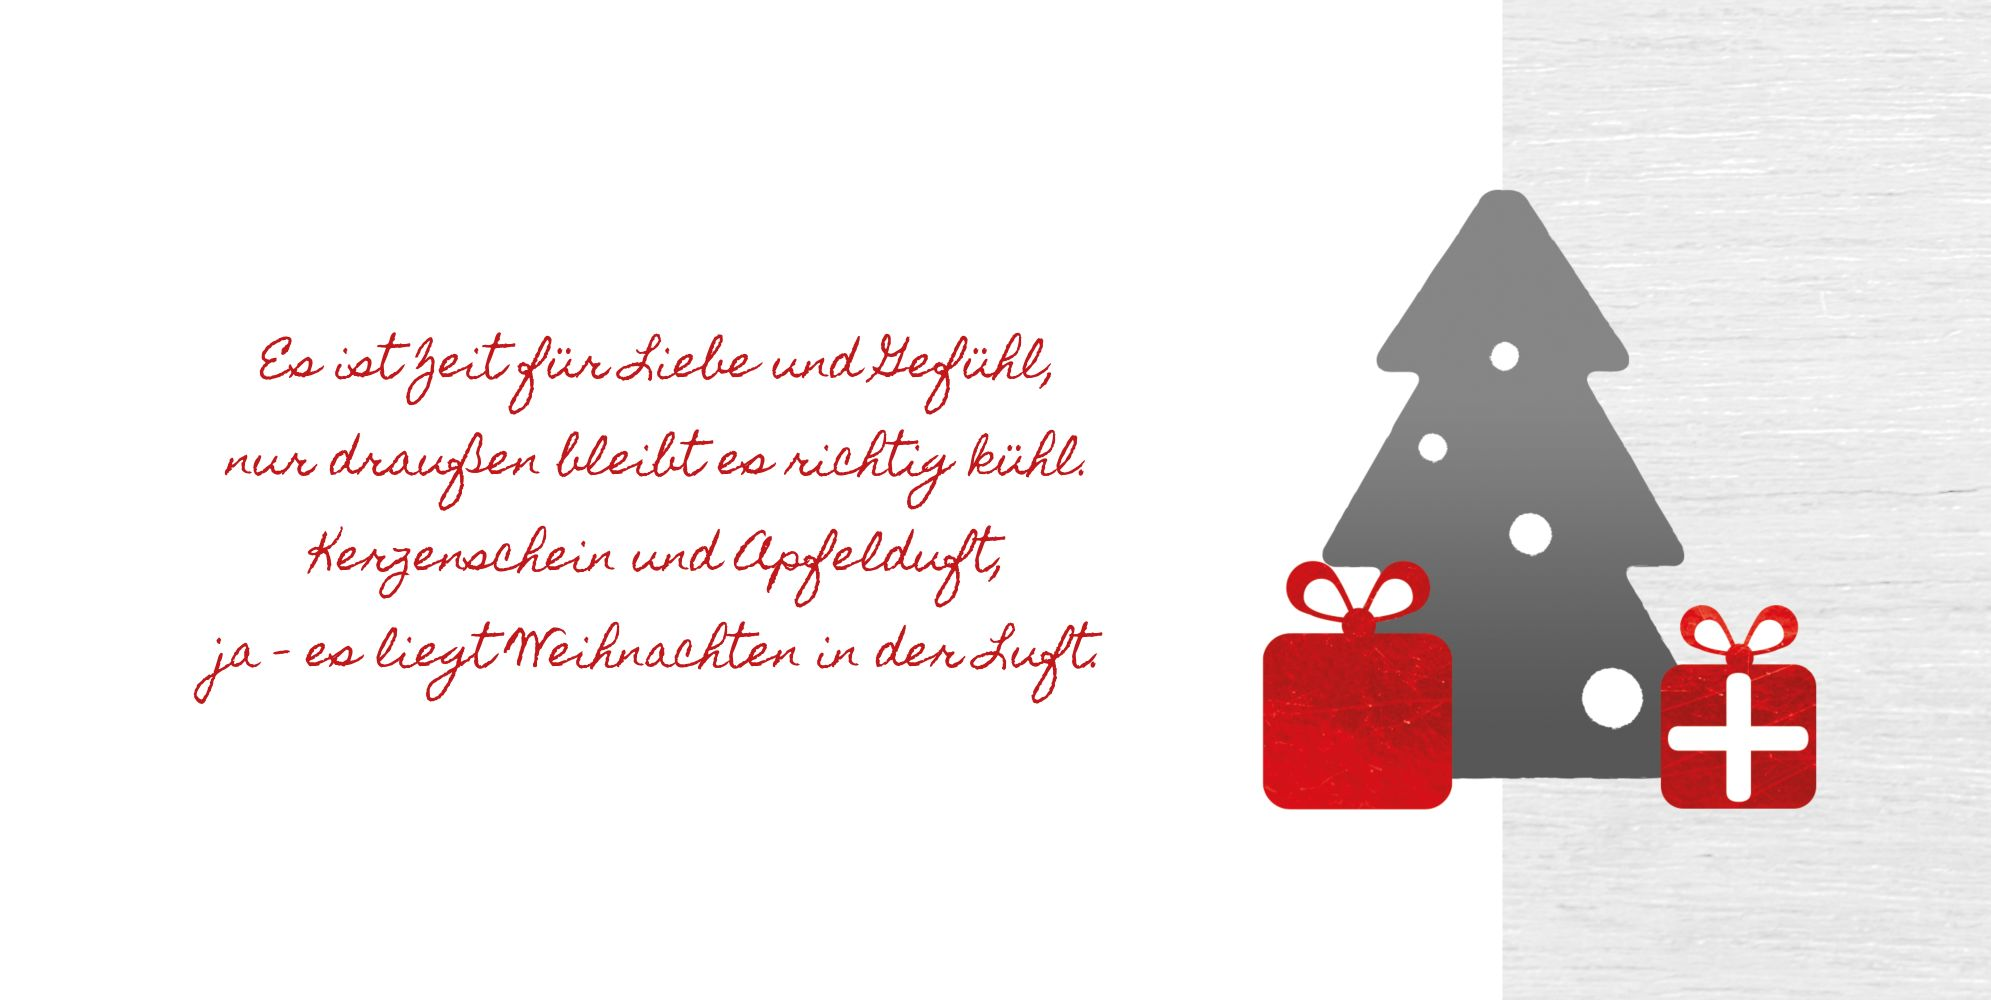 Ansicht 4 - Weihnachtsgrußkarte Geschenkebaum